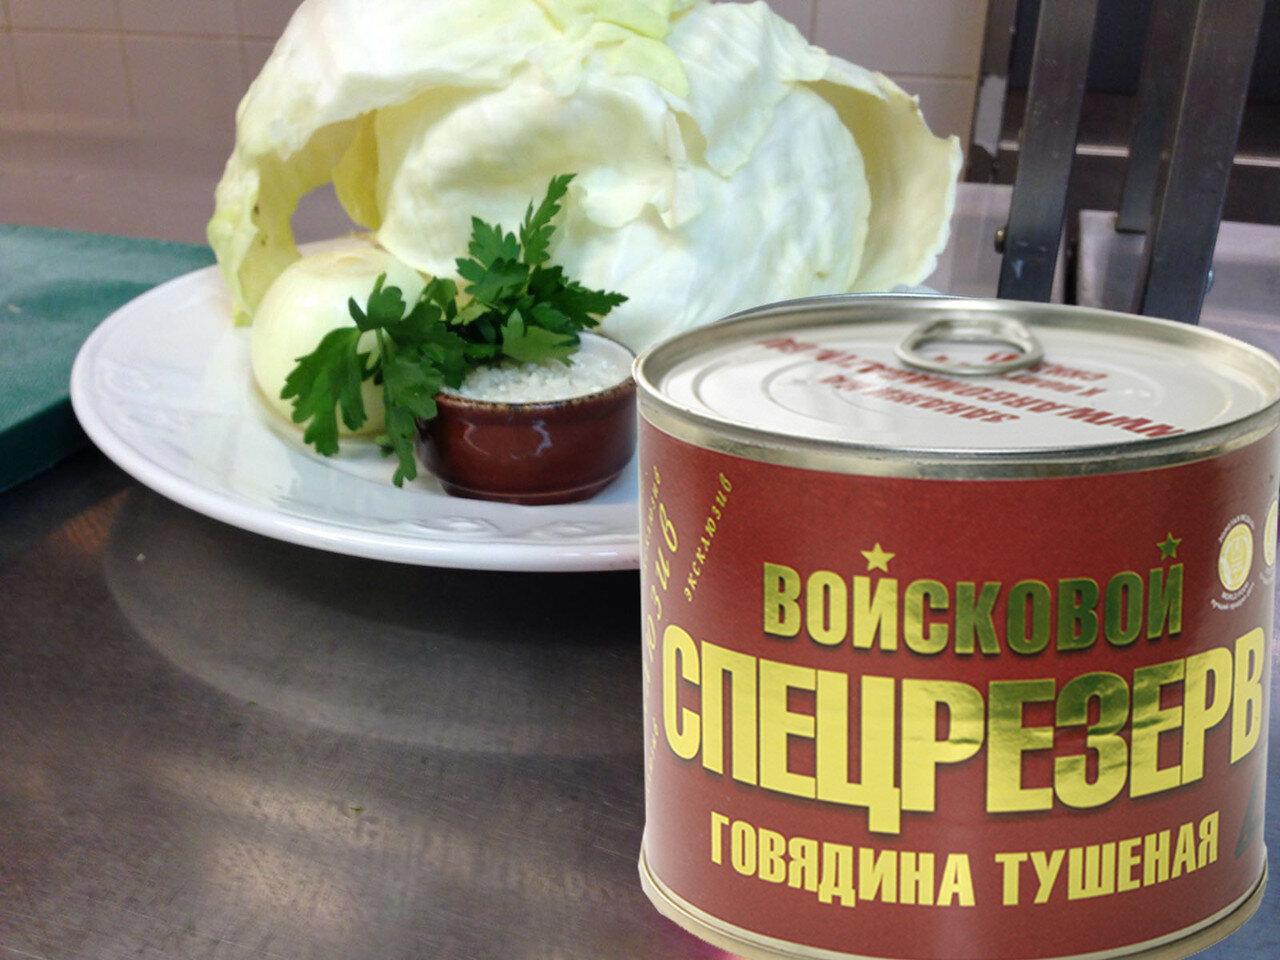 Купить тушенку в Москве по выгодной цене для голубцов